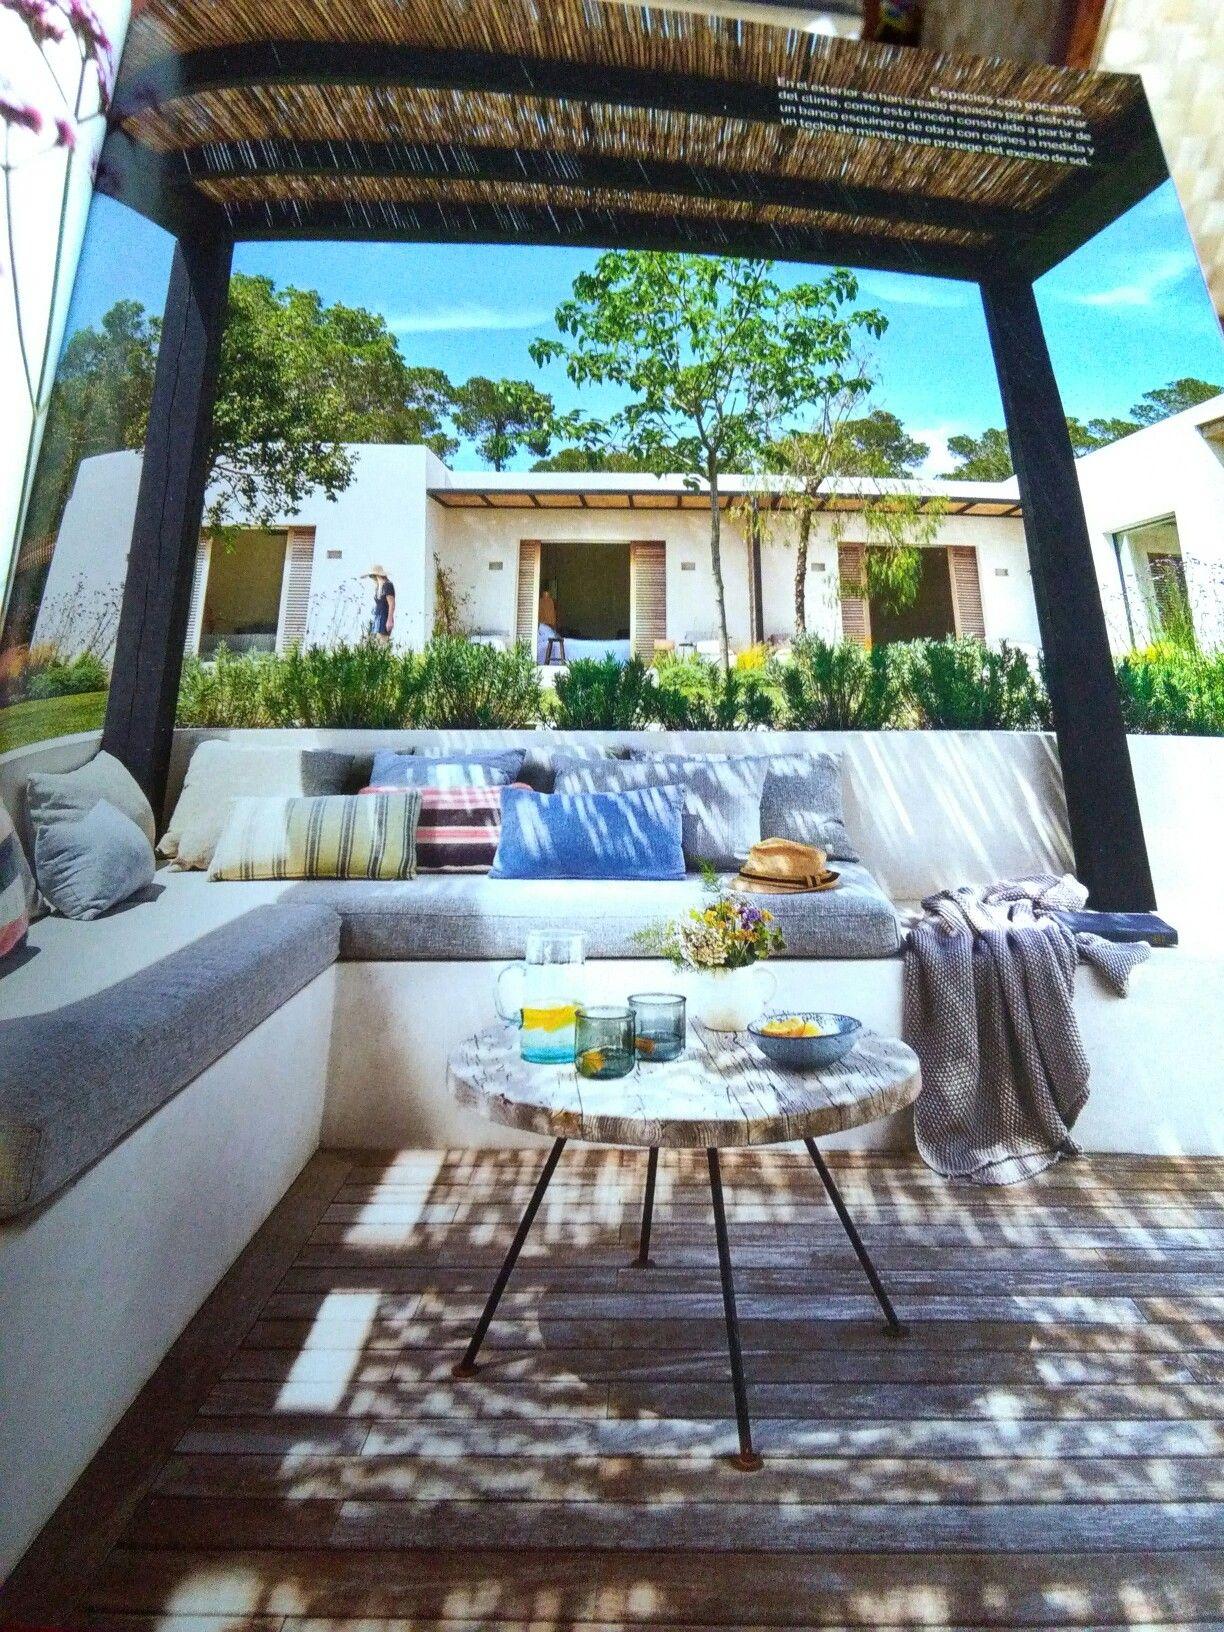 Revista Arquitectura y Diseño Idea para azotea